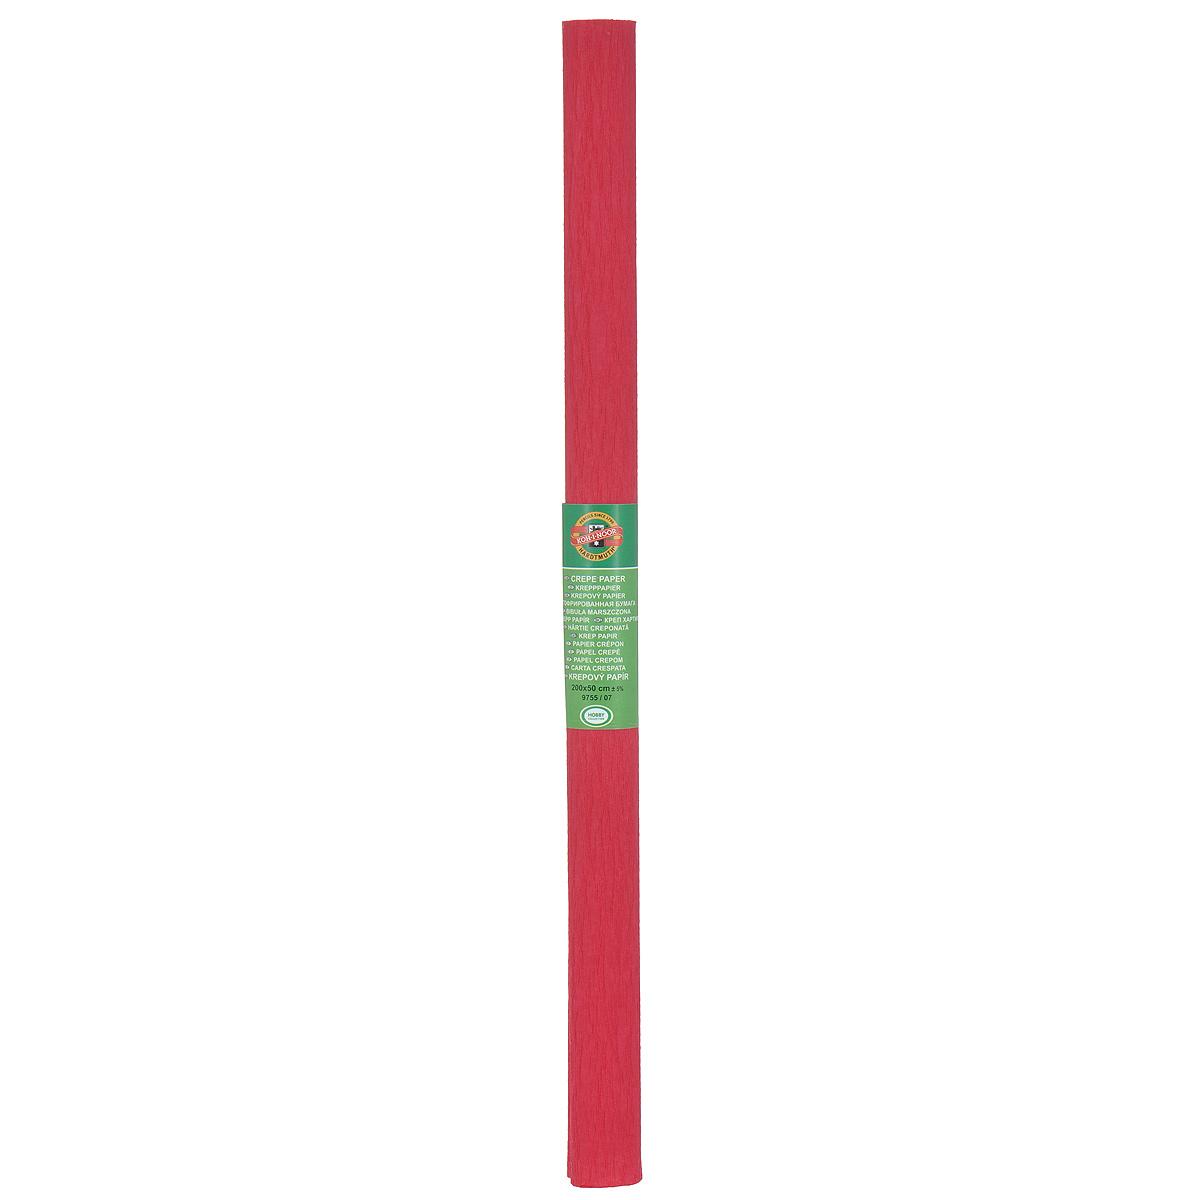 """Бумага гофрированная """"Koh-I-Noor"""", цвет: темно-красный, 50 см x 2 м"""